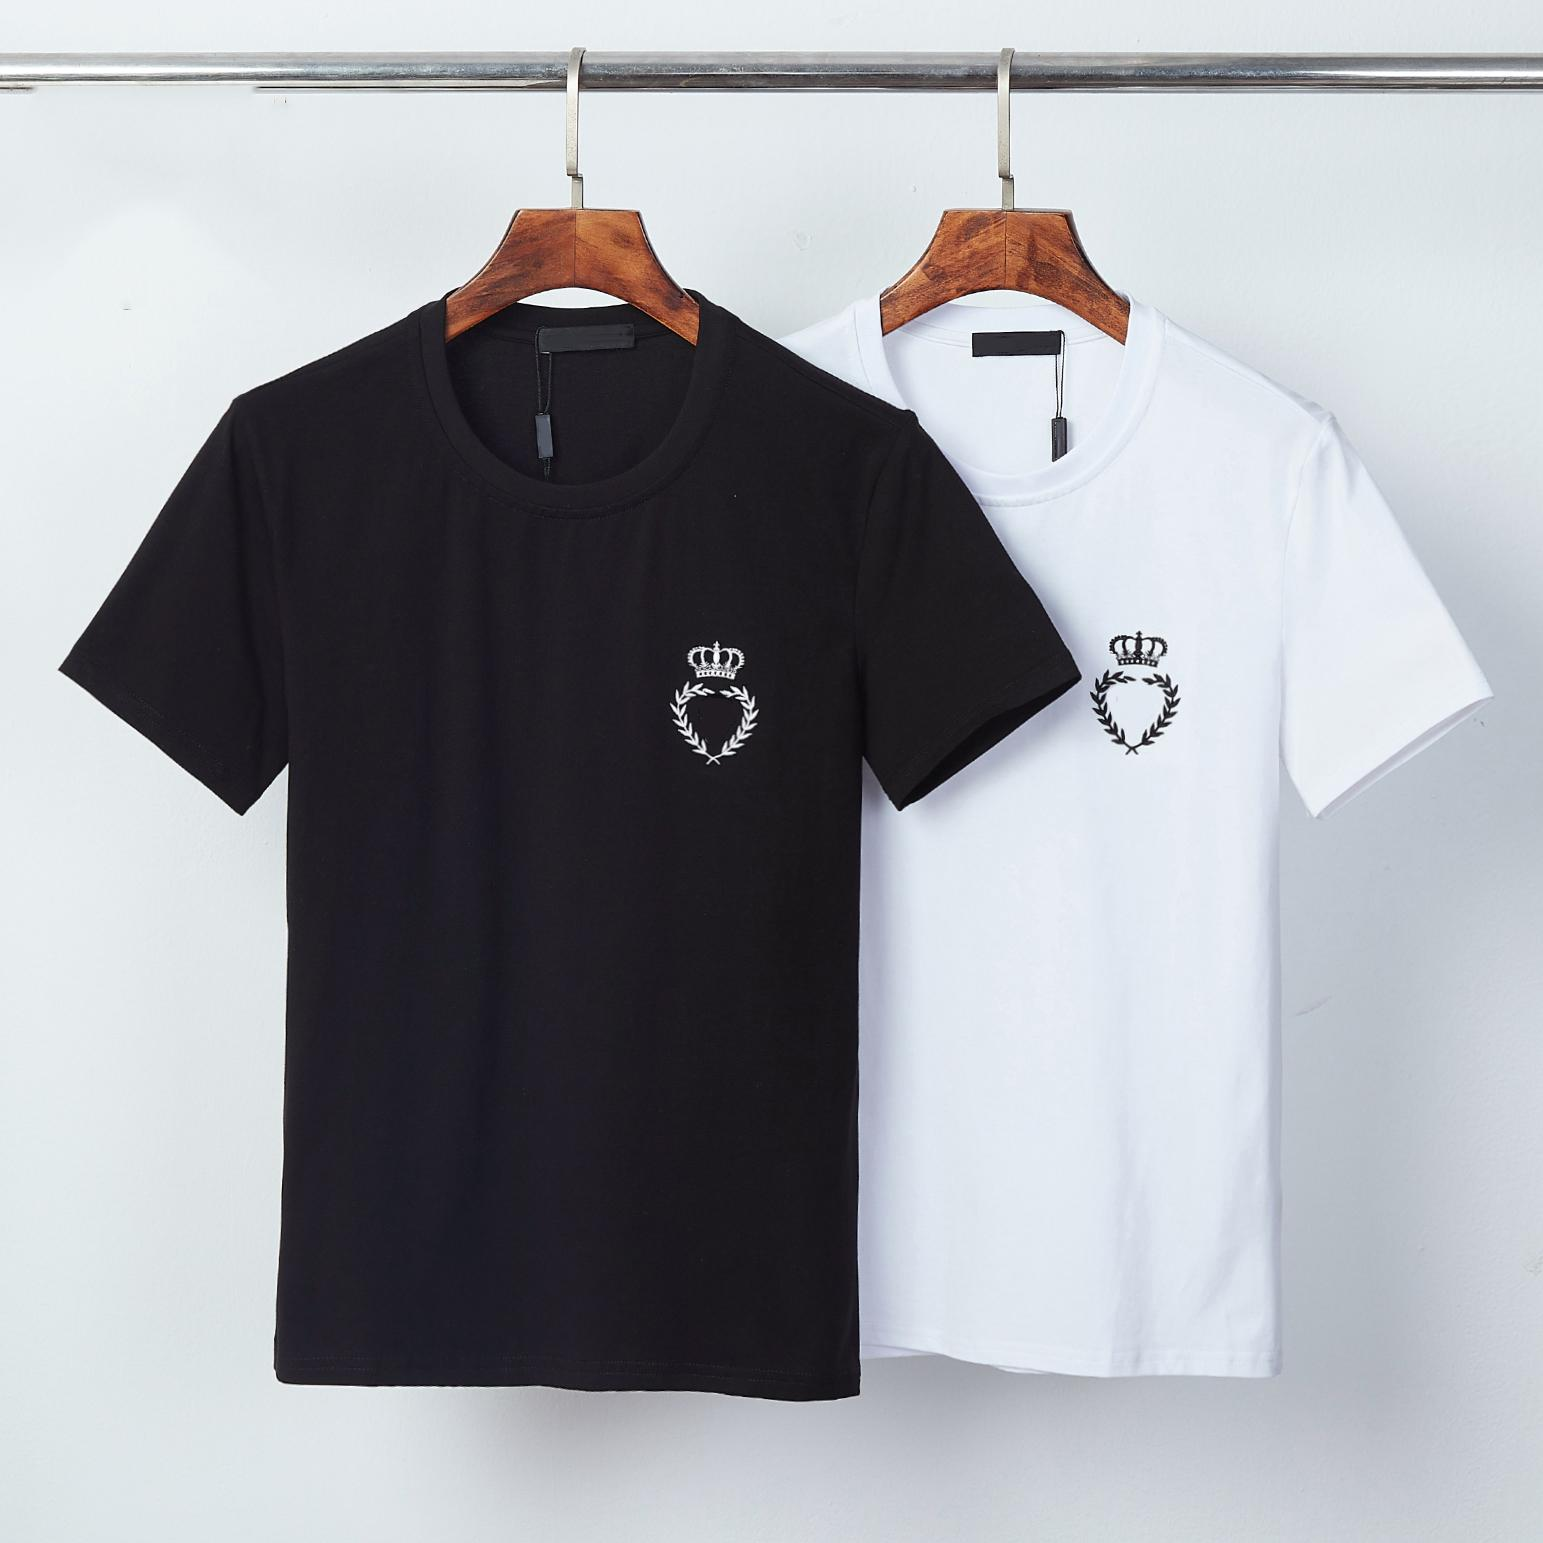 클래식 크라운 킹 스타일리스트 남성 티셔츠 # 007 유럽 밀라노 패션 여름 짧은 소매 럭셔리 로얄 스트리트웨어 탑 디자이너 남성 캐주얼 티셔츠